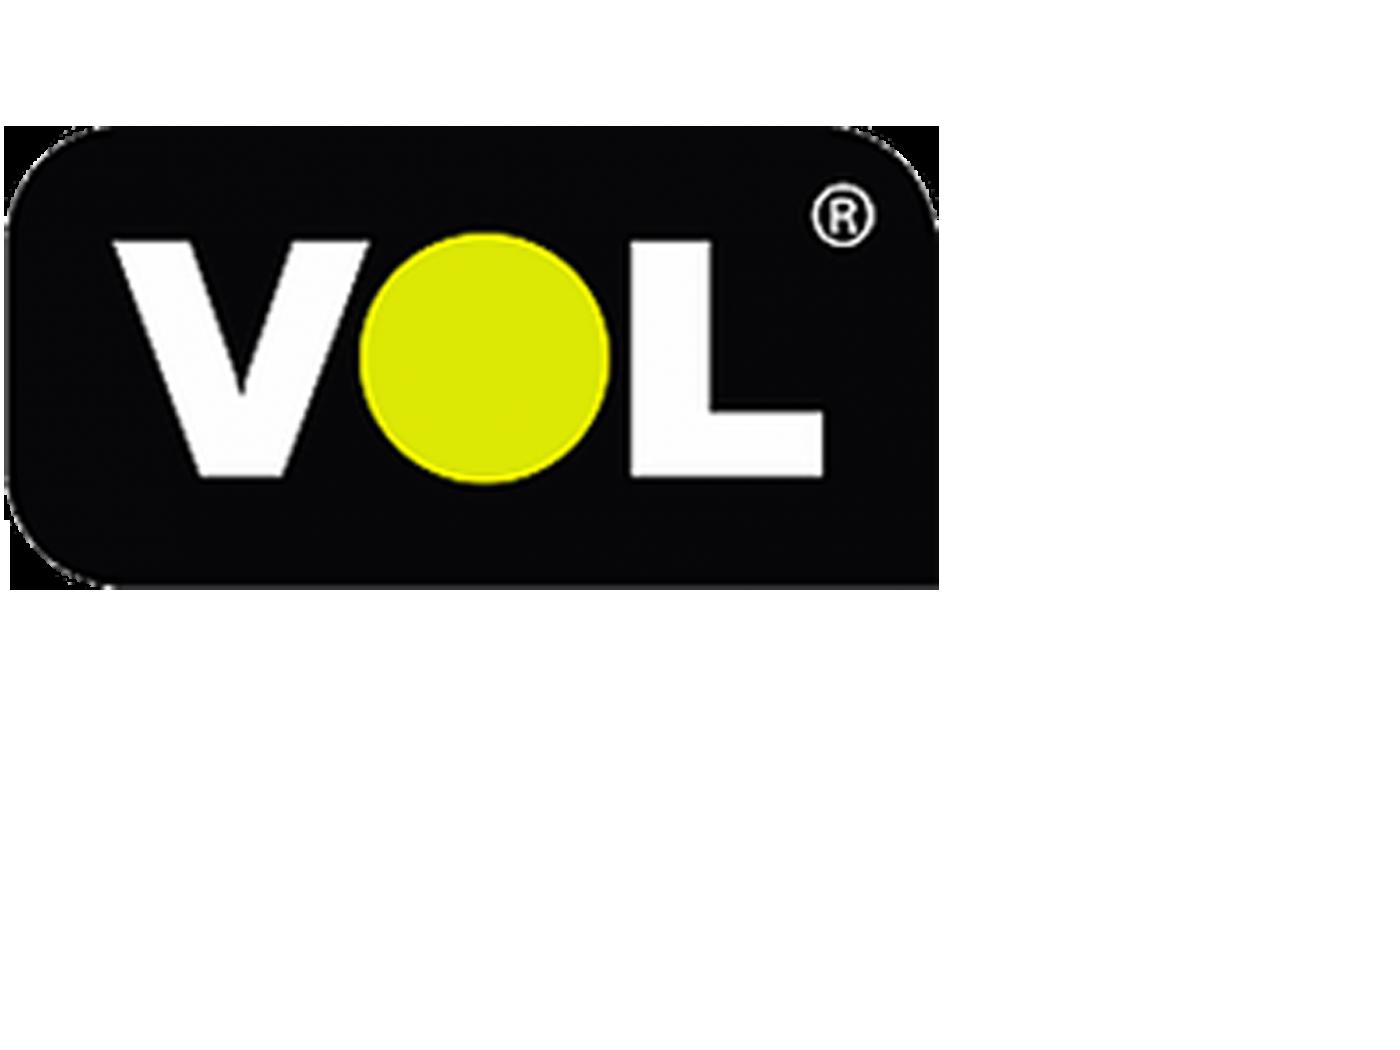 Impressies - VOL-Verlichting en ( VOL-Industrial ook op Dinsdag ...